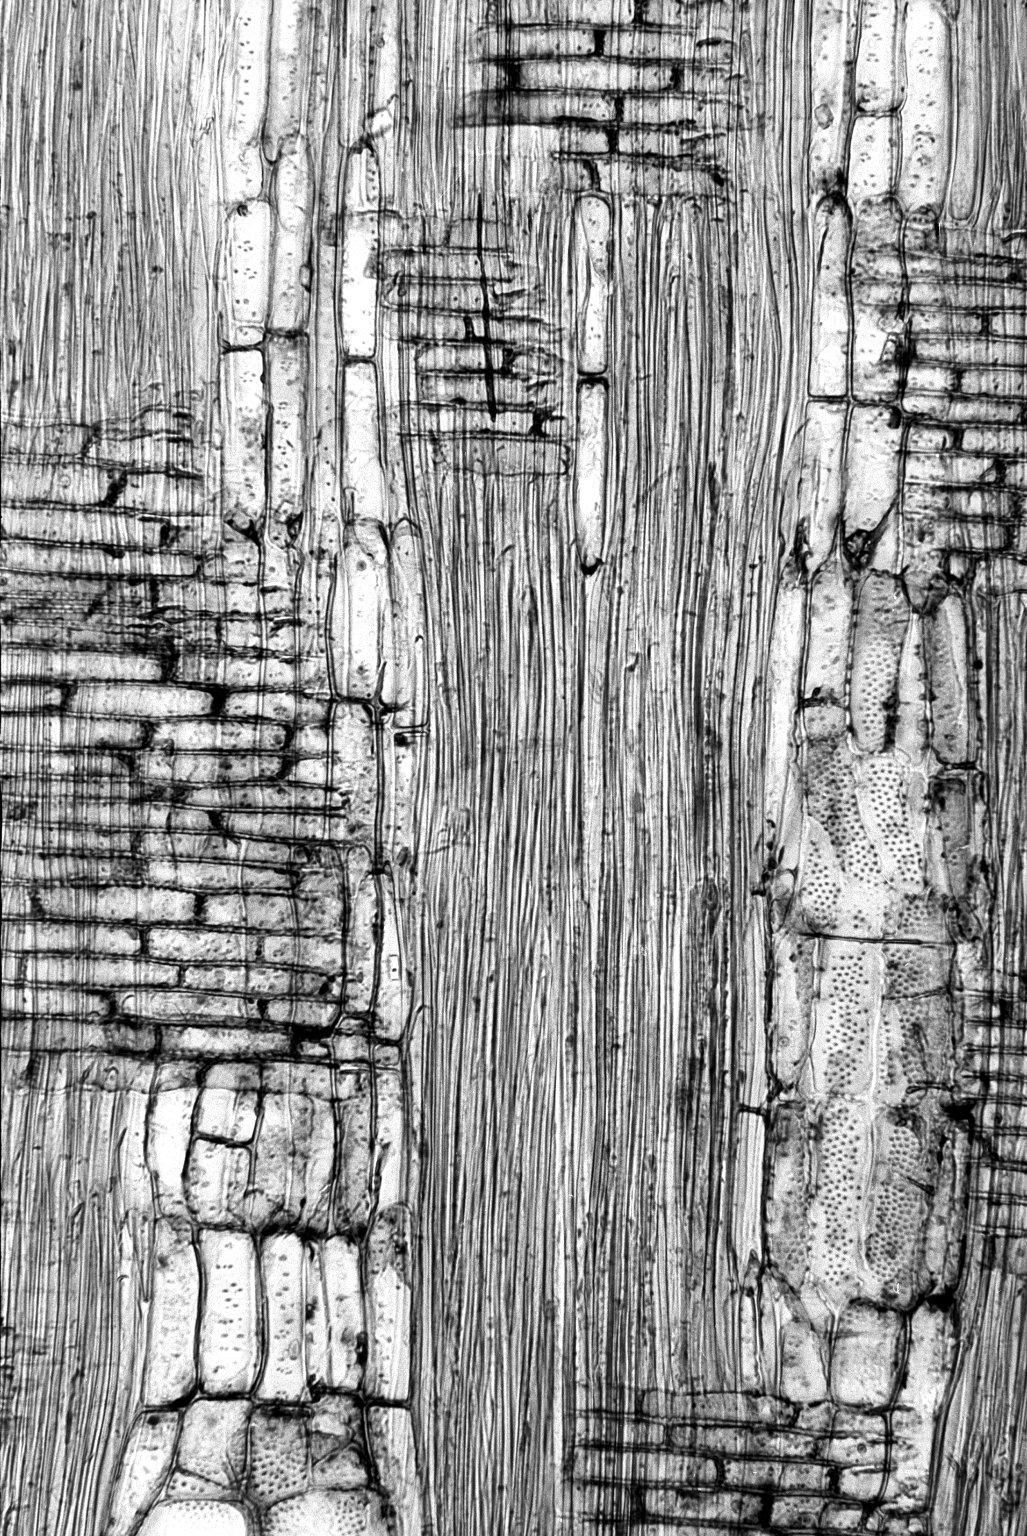 BIGNONIACEAE Amphitecna latifolia